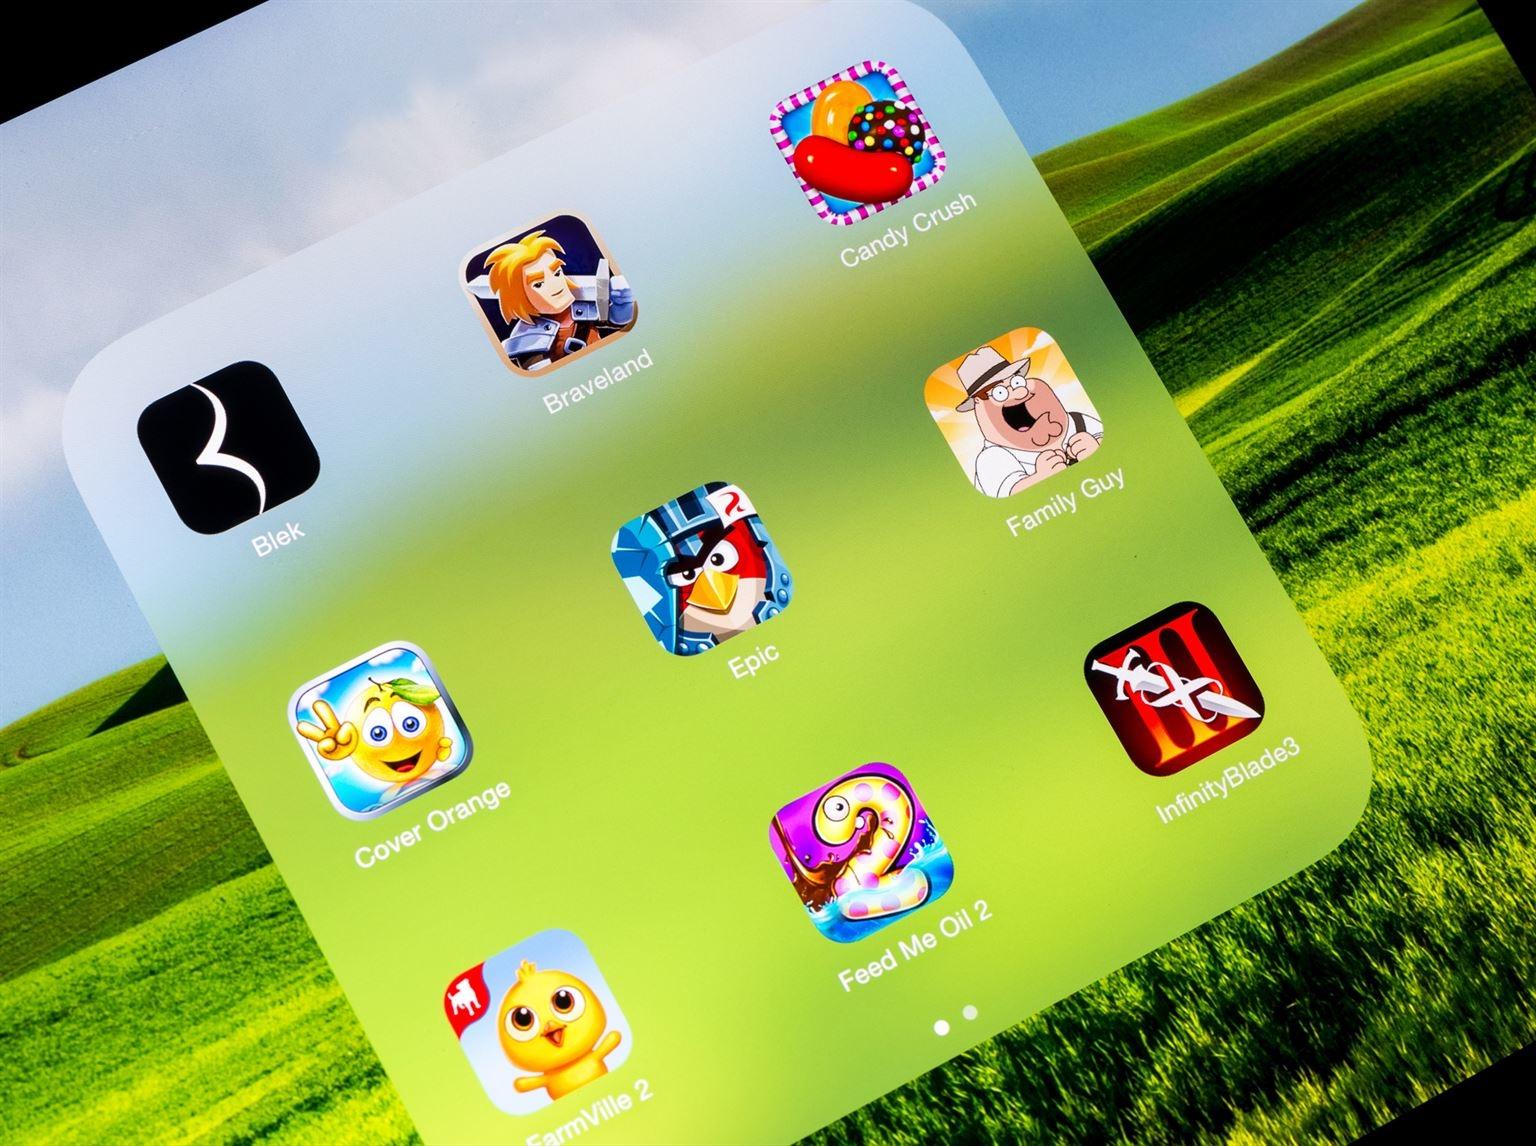 Jeux Sur Tablette: 64 Choix Pour Enfants | Protégez-Vous.ca dedans Jeu Educatif 4 Ans Gratuit En Ligne